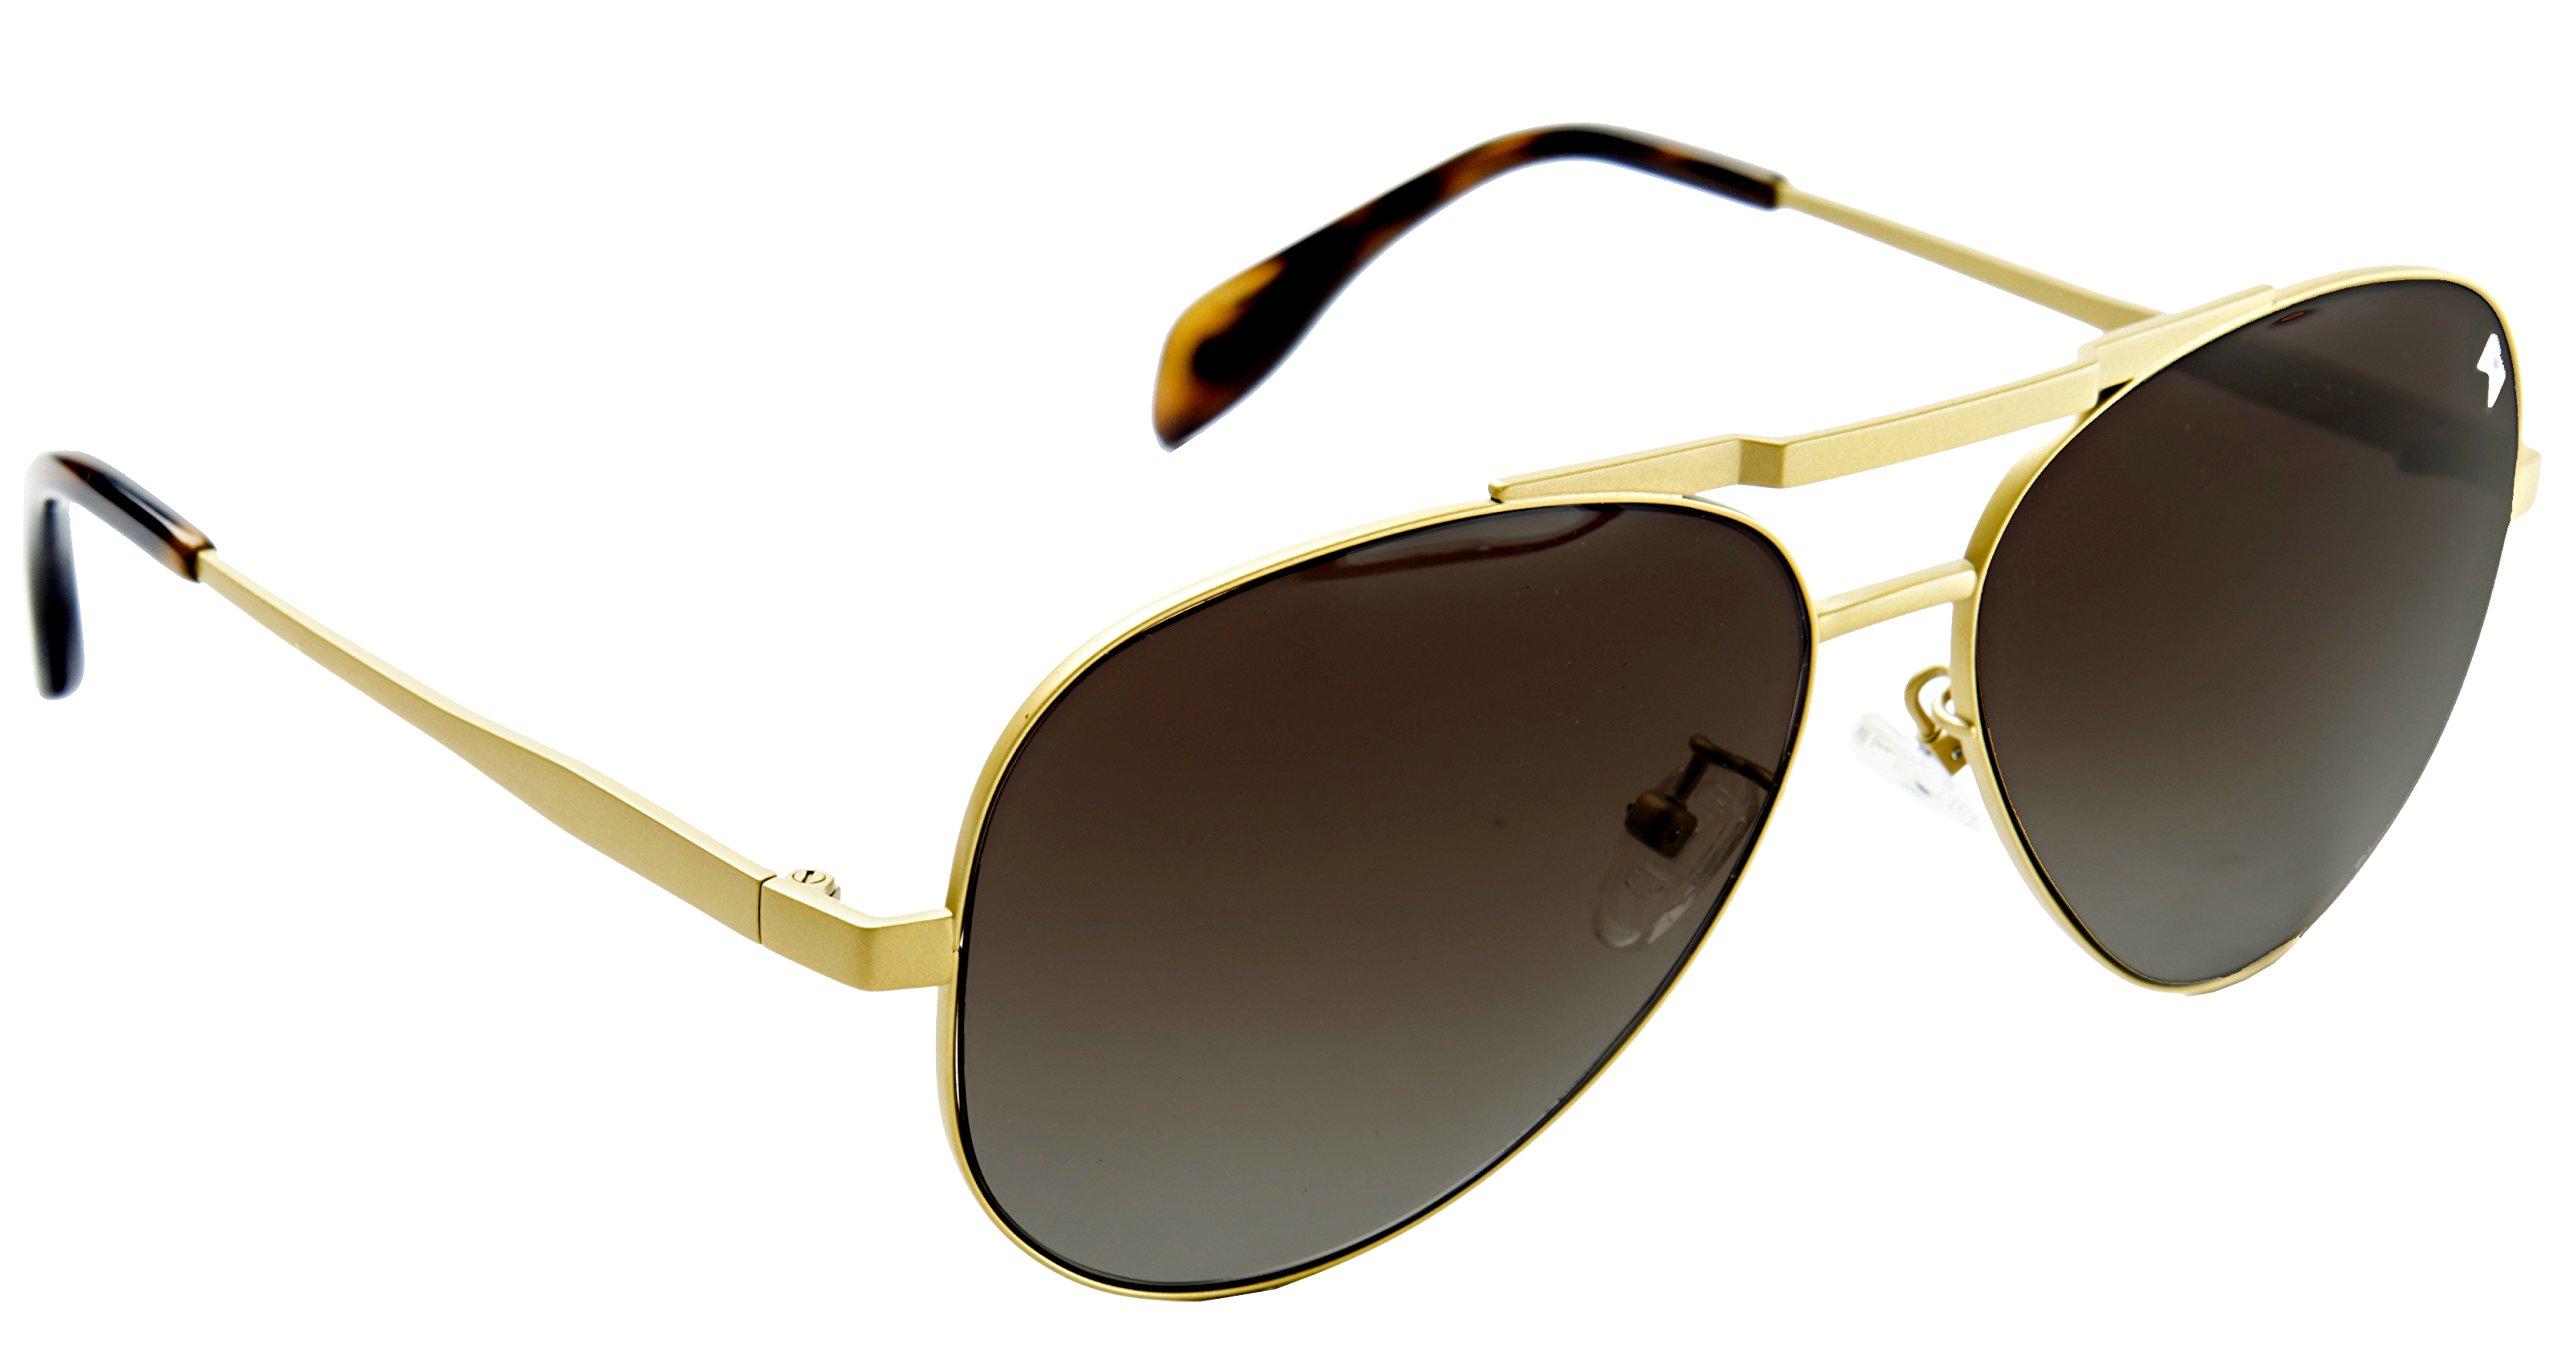 William Painter Gold Aviator Sunglasses with Aerospace Grade Titanium & Nylon Polarized Lenses, The Hughes